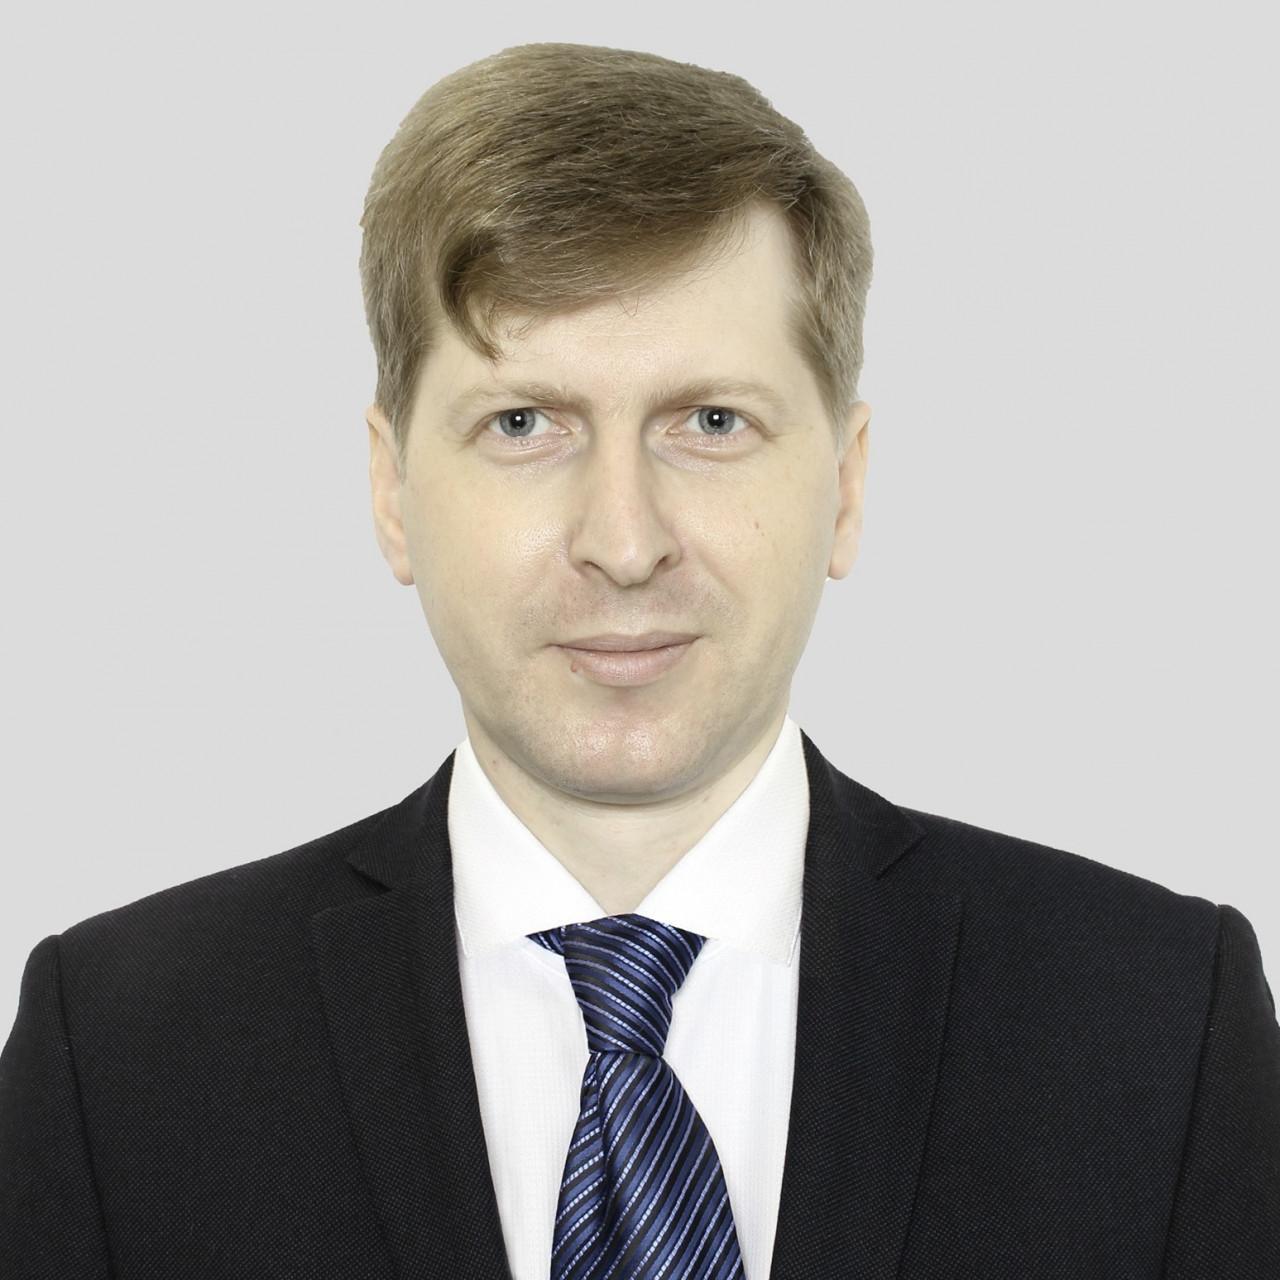 Косарев Михаил Константинович